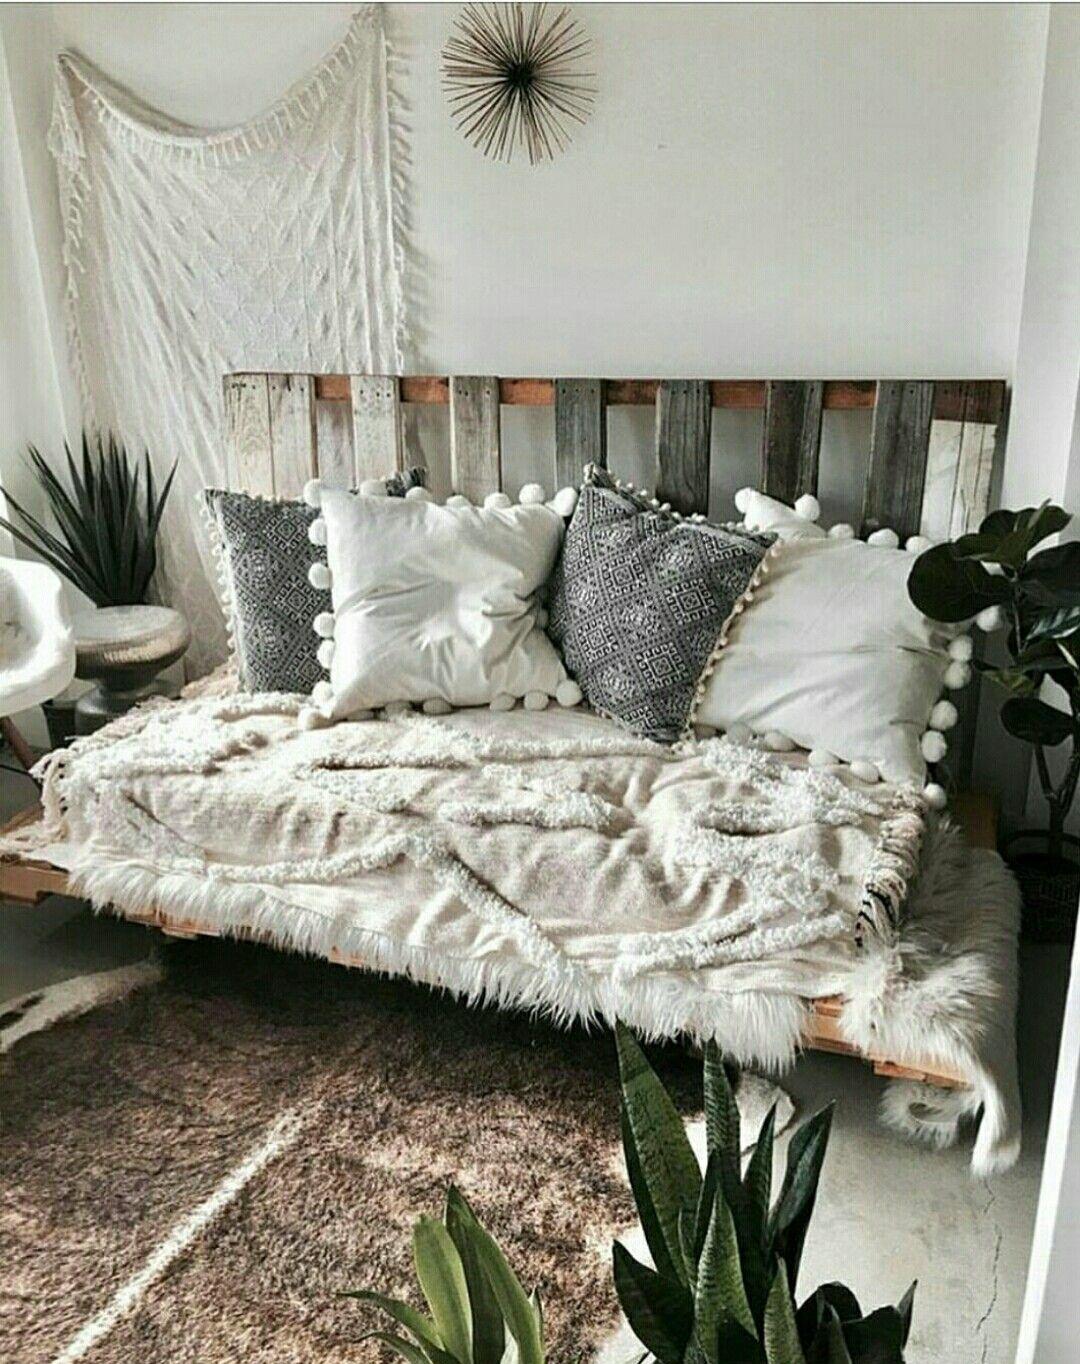 bohemian life » boho home design + decor » nontraditional living ...